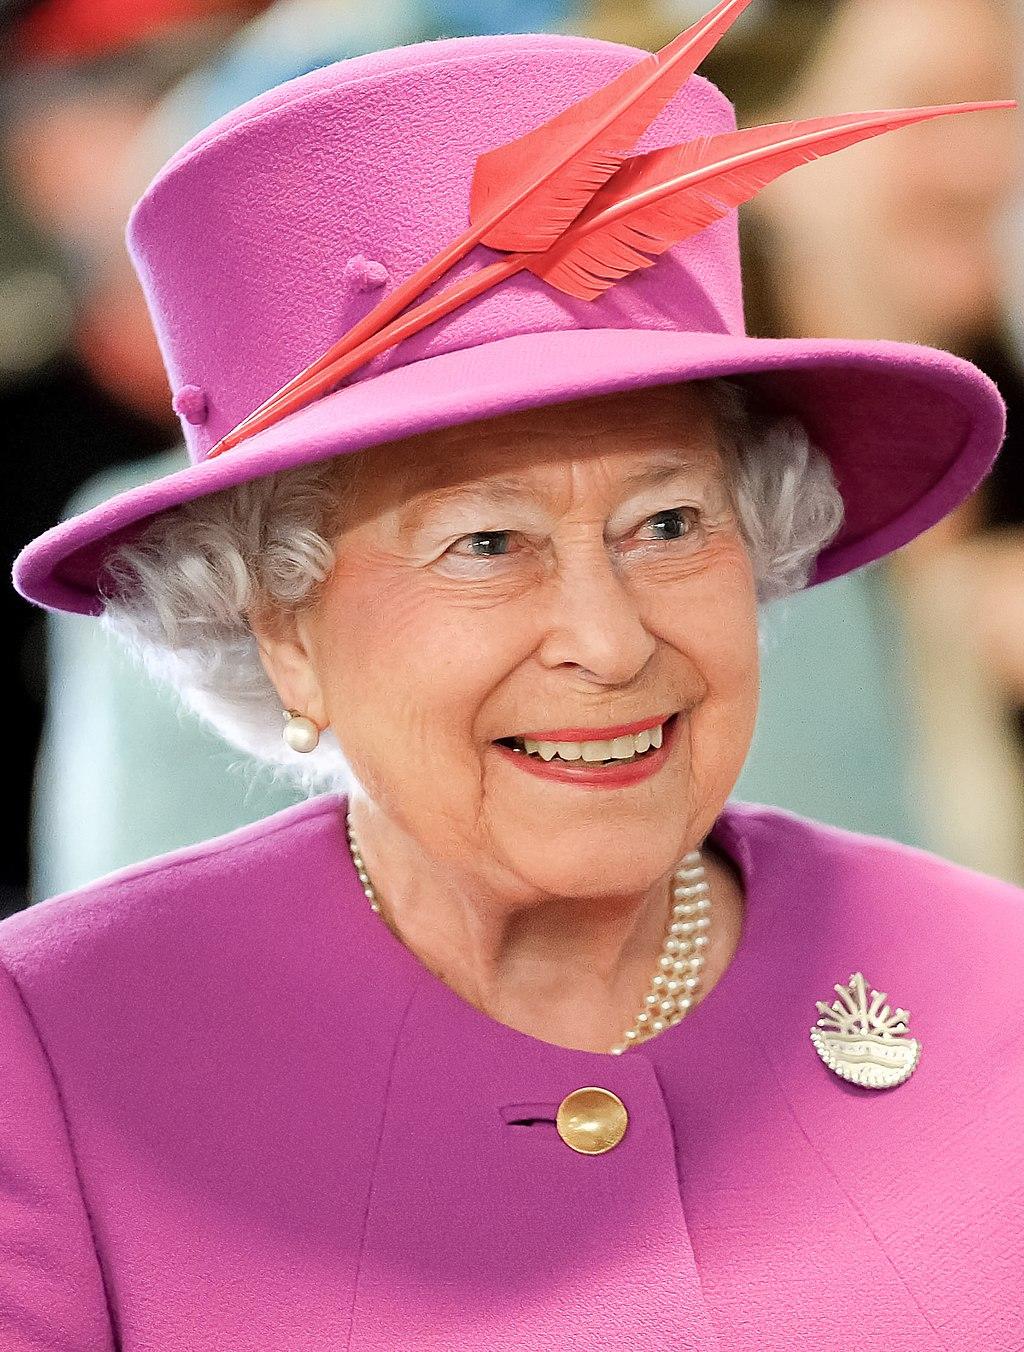 Интересные люди и вдохновляющие истории - Страница 12 1024px-Queen_Elizabeth_II_in_March_2015